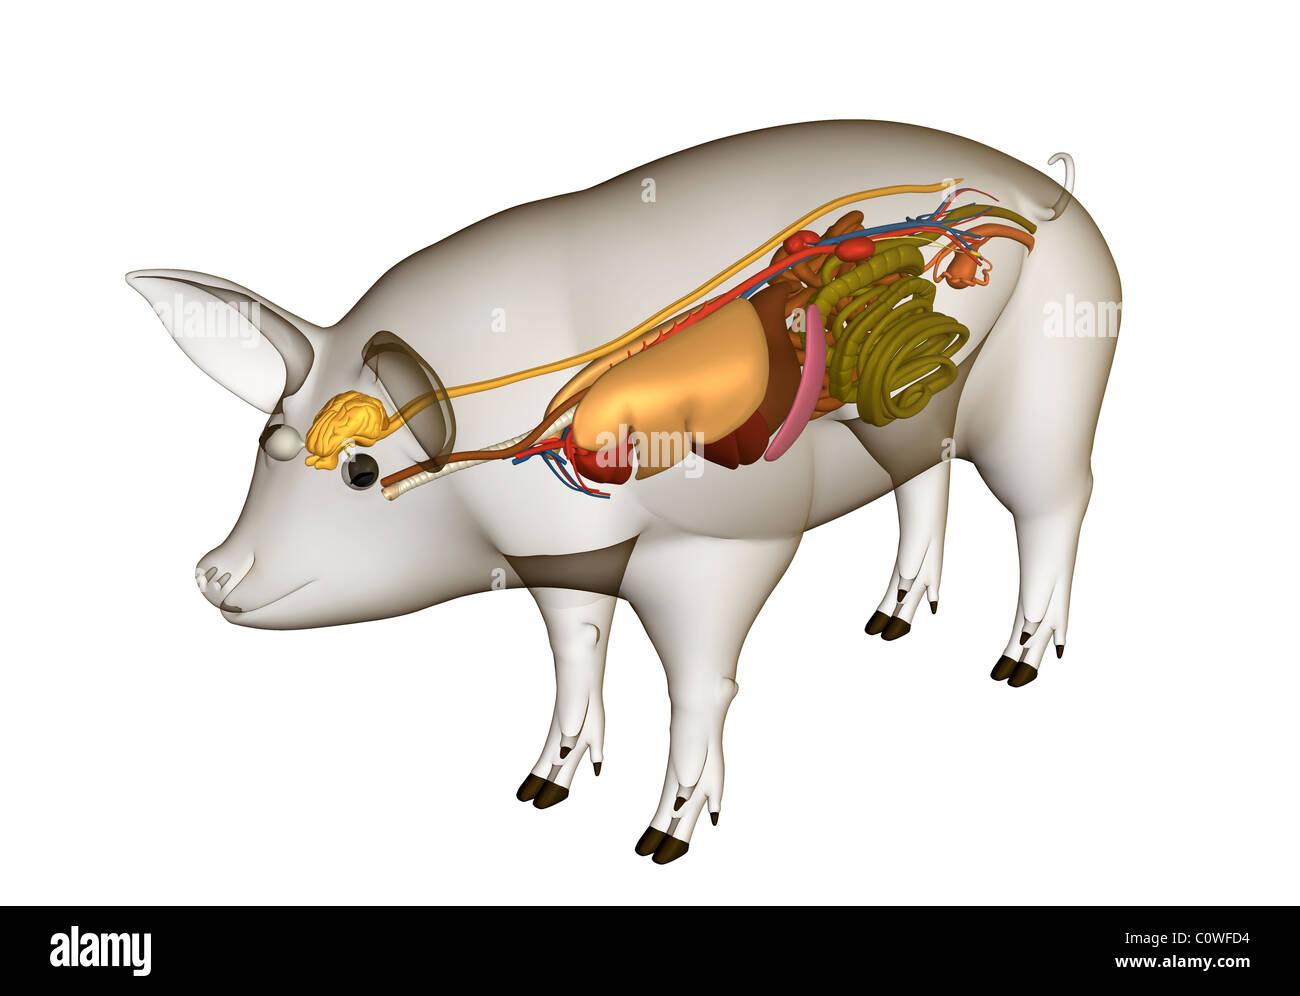 Niedlich Schwein Magen Anatomie Galerie - Menschliche Anatomie ...